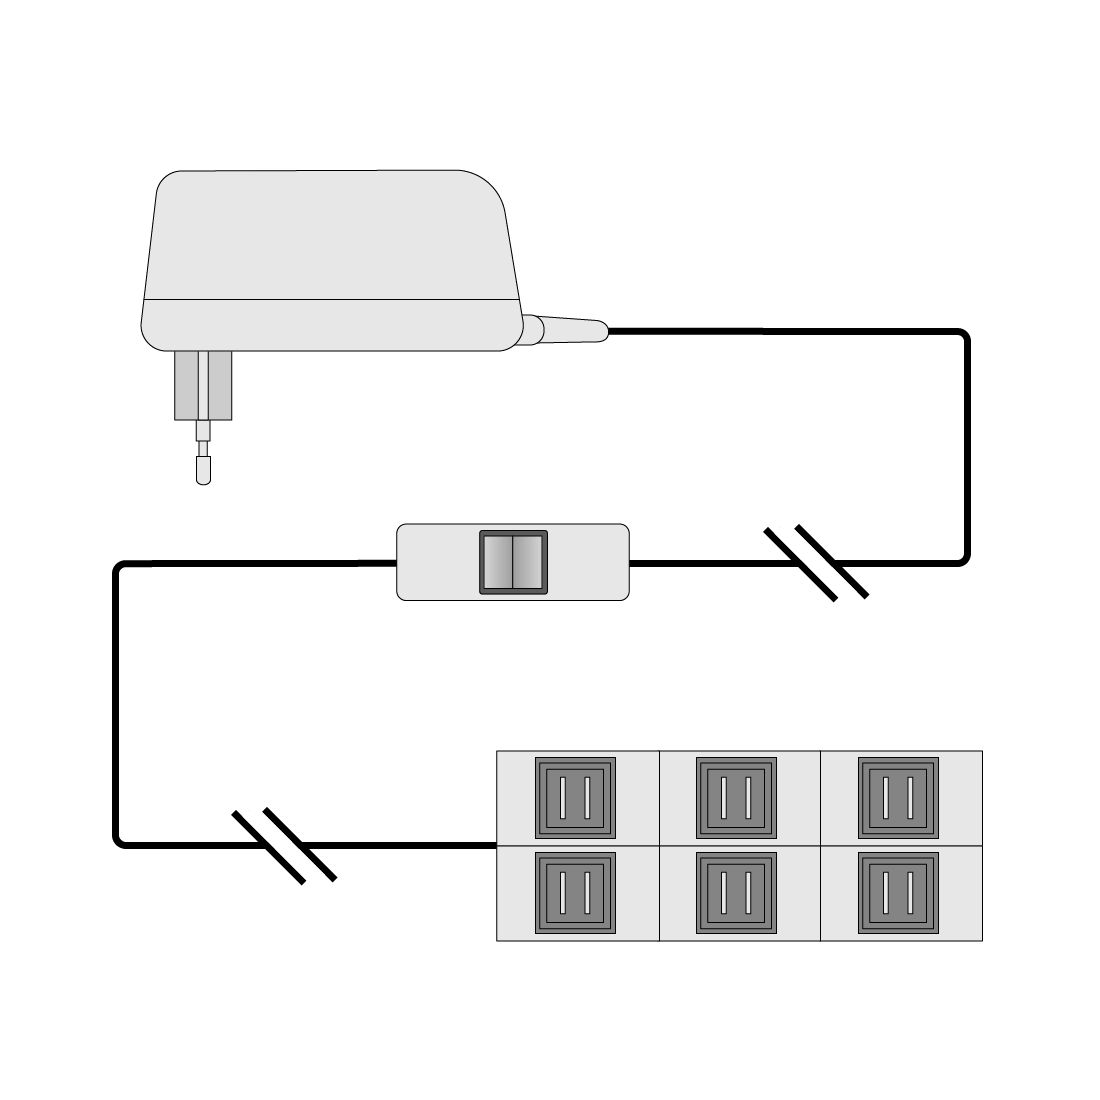 LED-Steckertrafo Salandra I - 20 Watt, roomscape